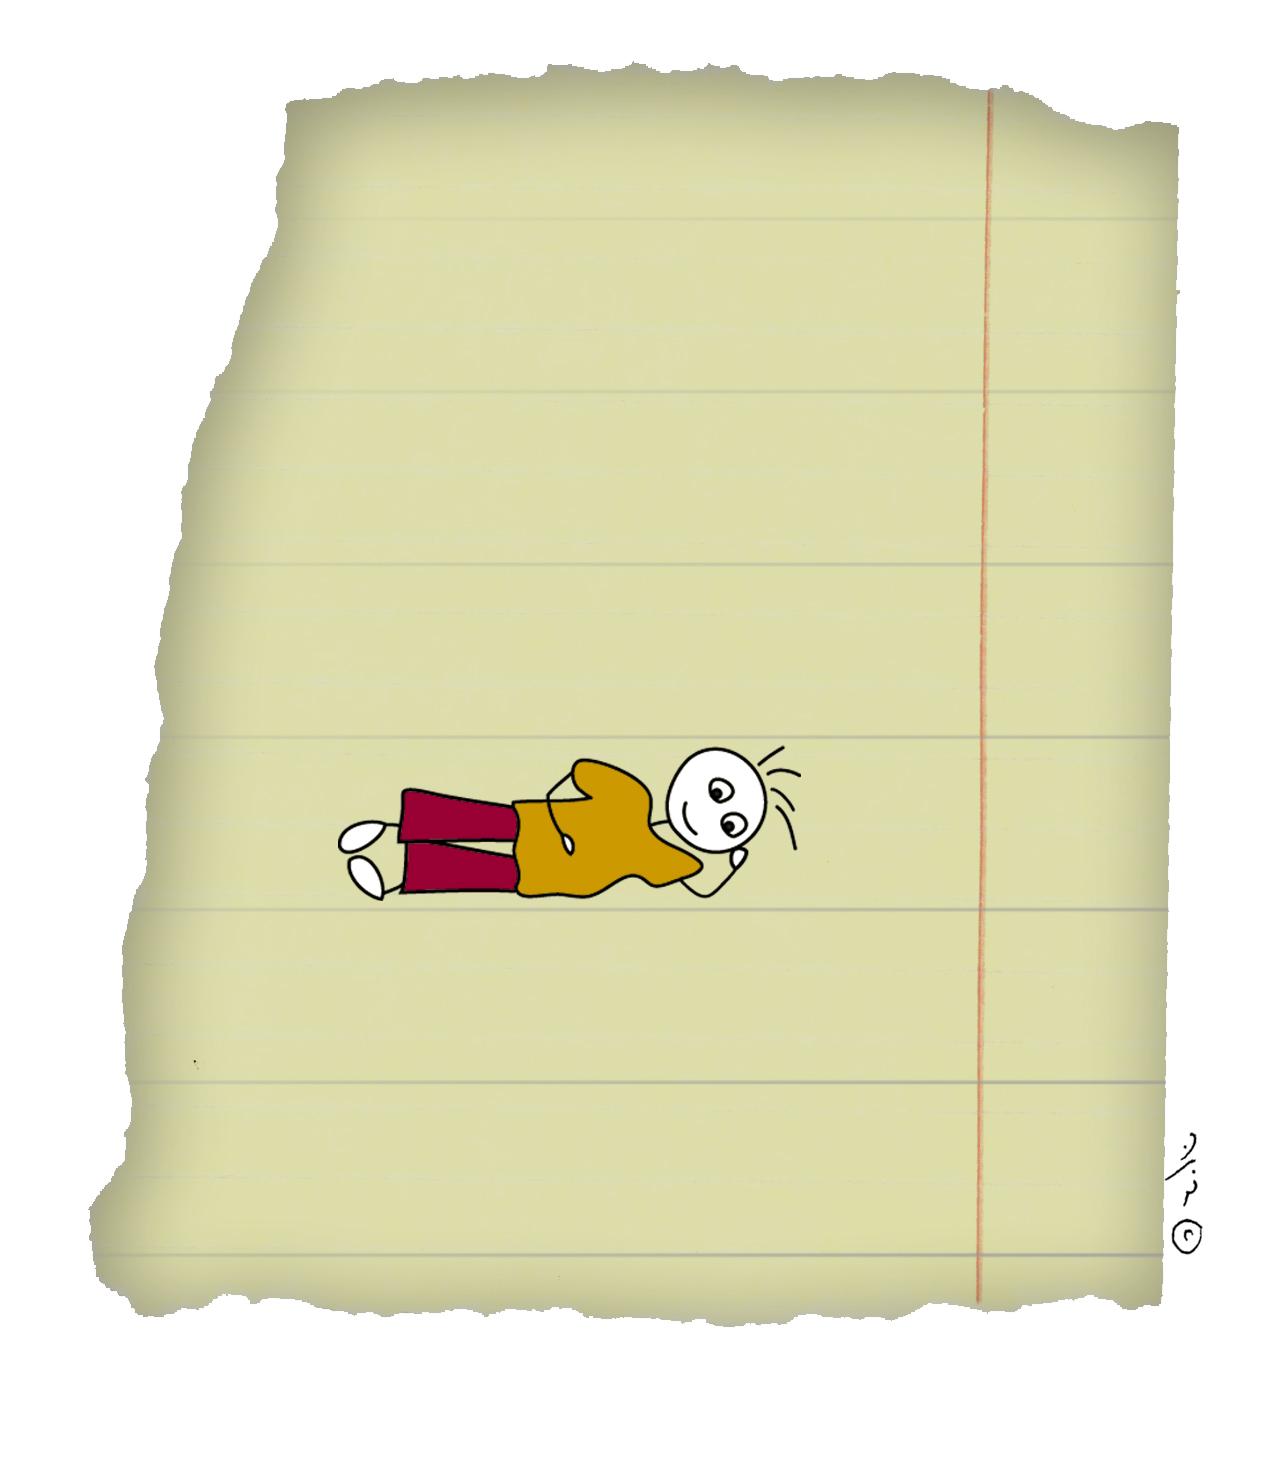 איור של ילד שוכב בין שורות של דף נייר - תוך, אמצע ומה שביניהם